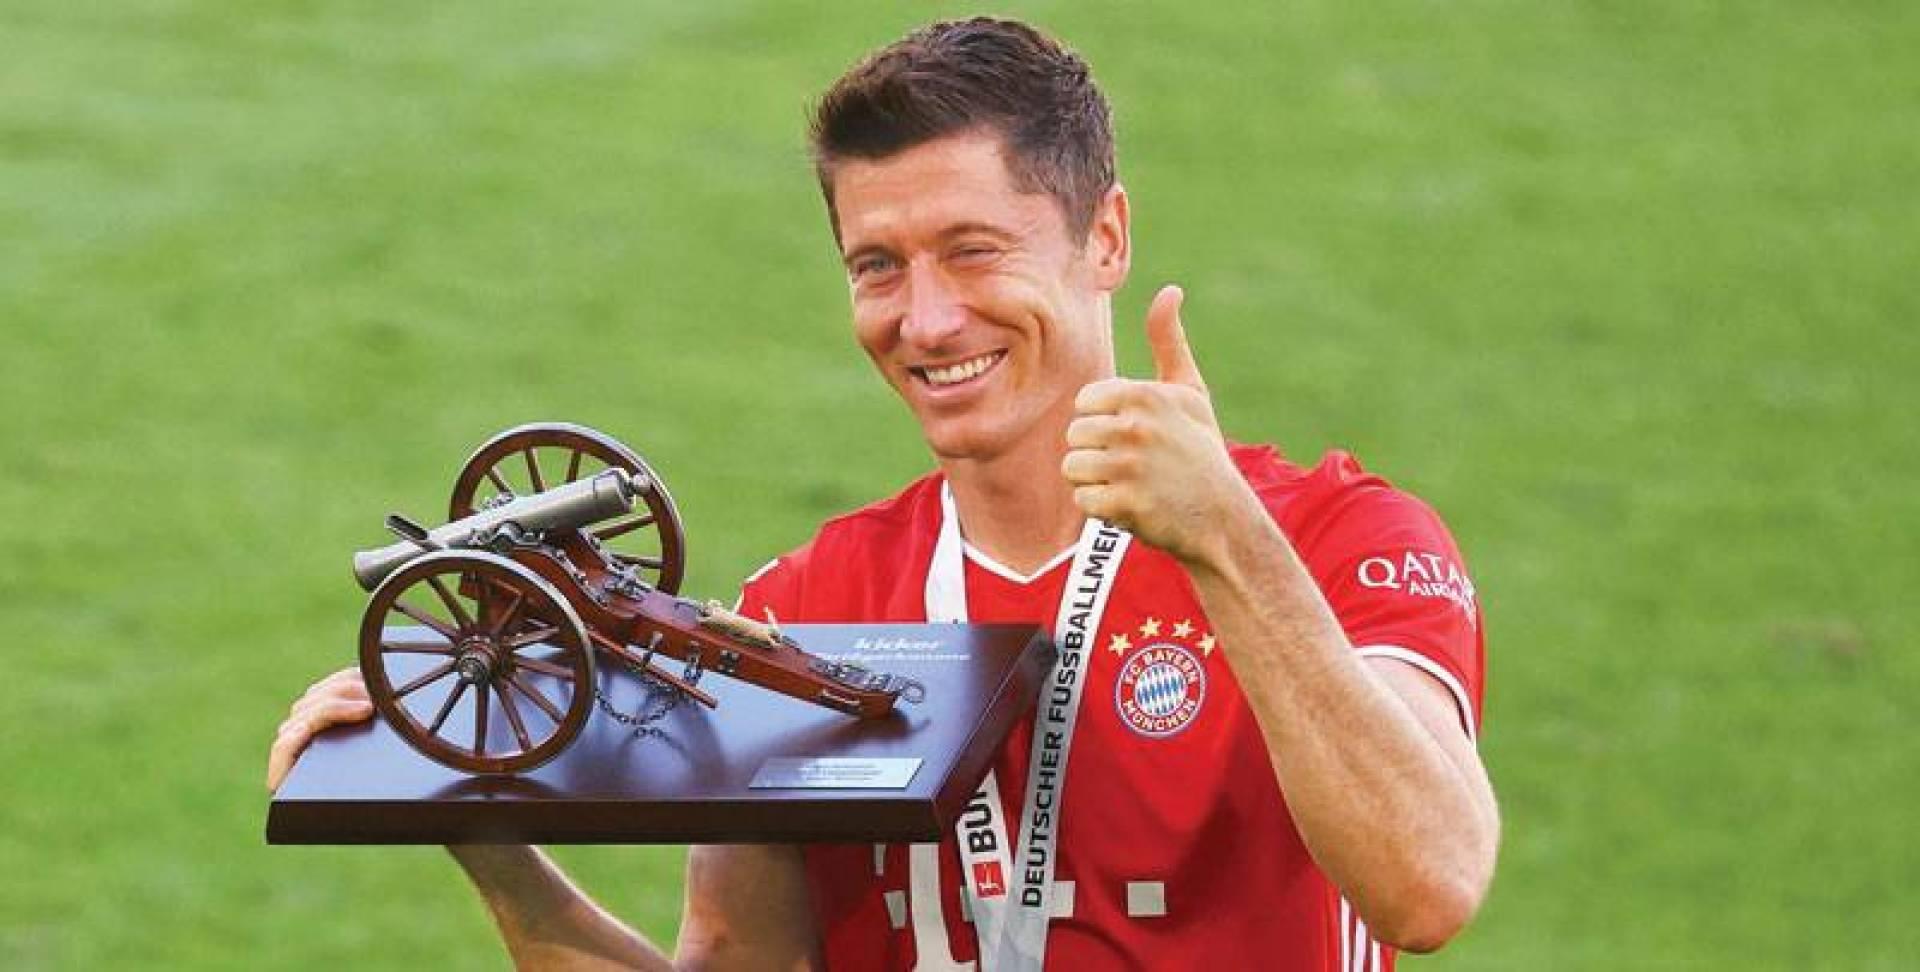 روبرت ليفاندوفسكي حاملاً جائزة هداف الدوري الألماني (ا.ف.ب)